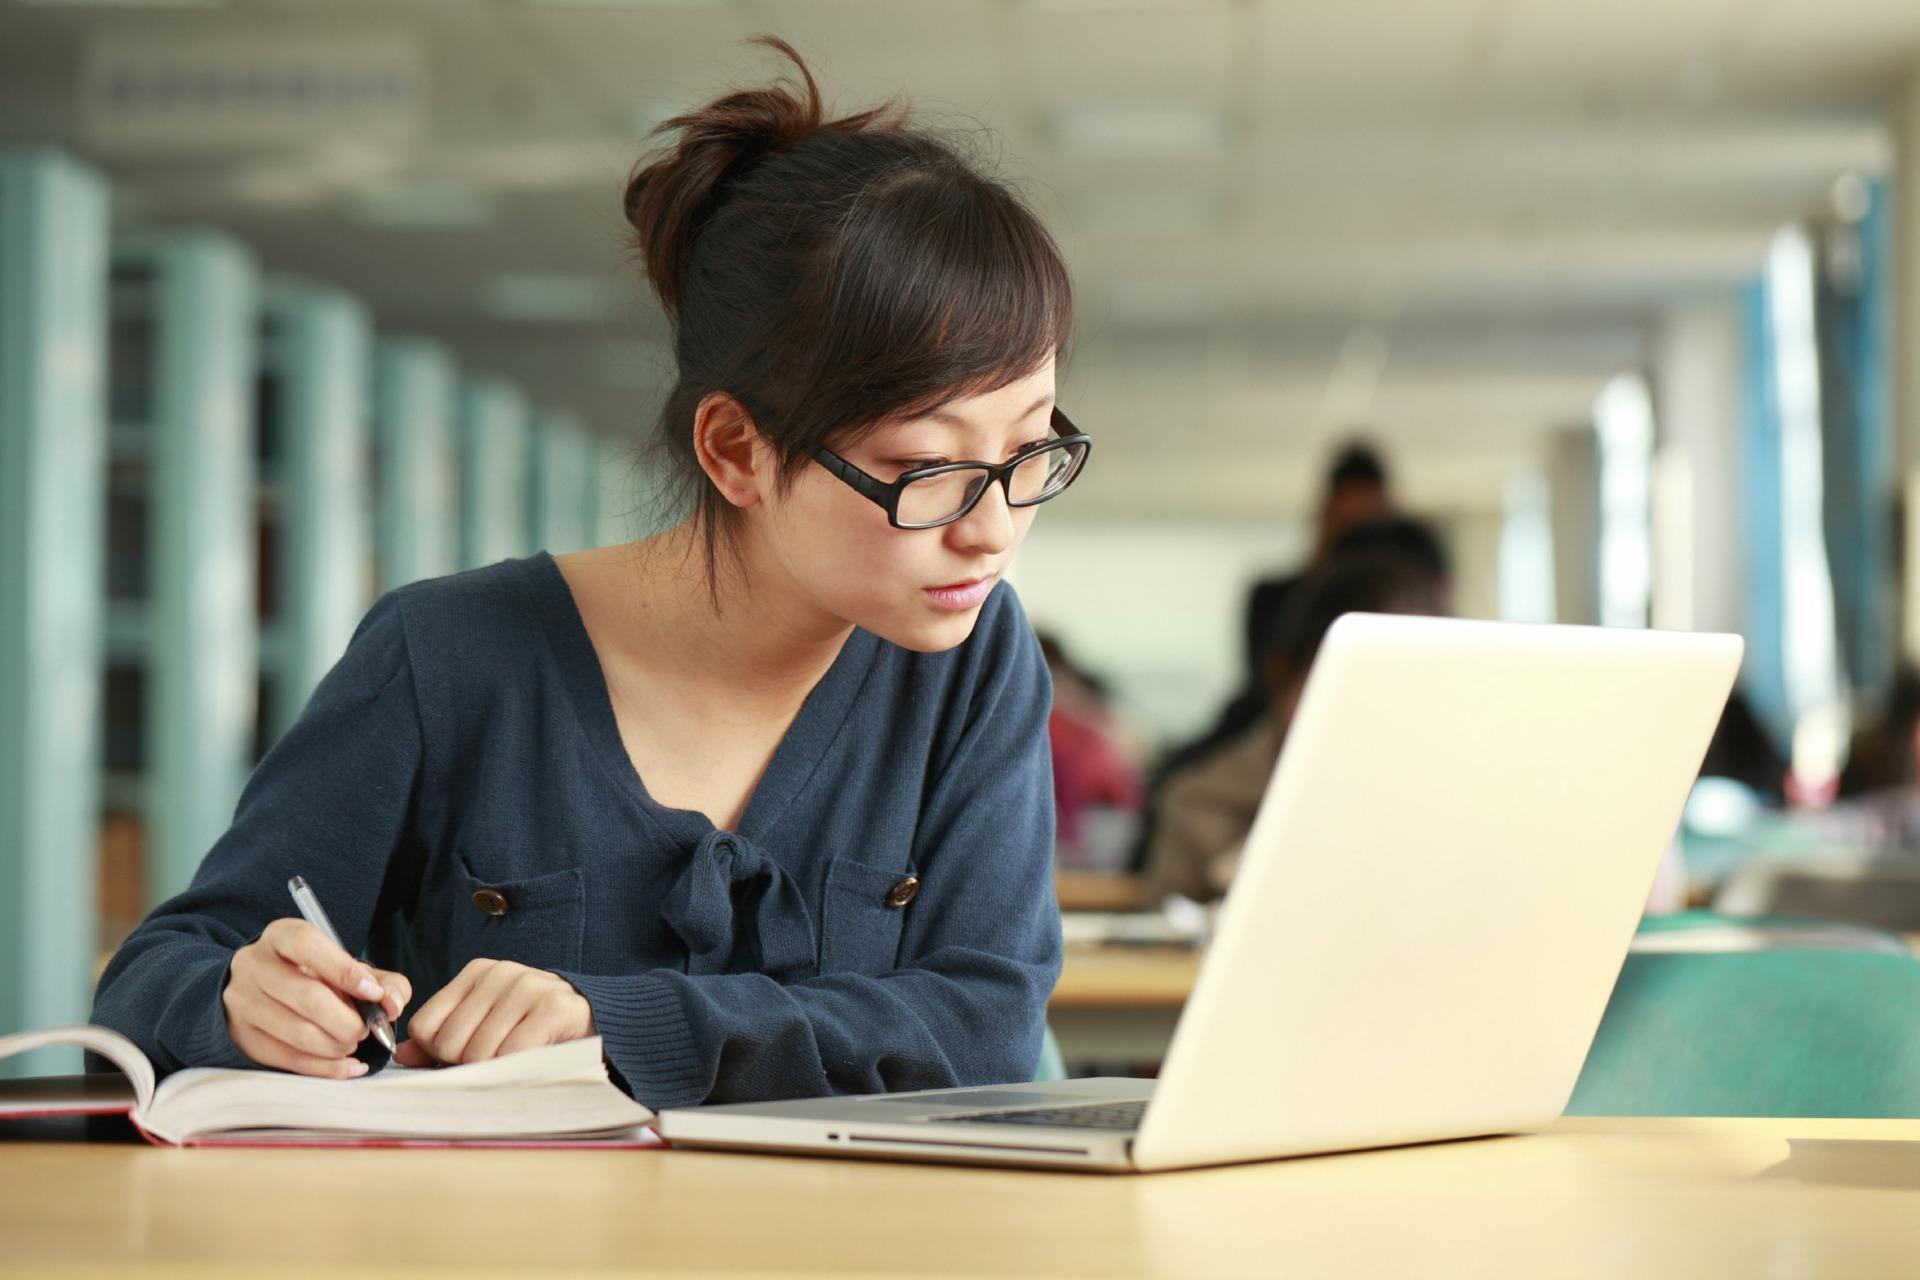 Дипломные курсовые работы на заказ Оформление практики  Практика написание дипломов и курсовых написать диплом написать отчет по практике заказать